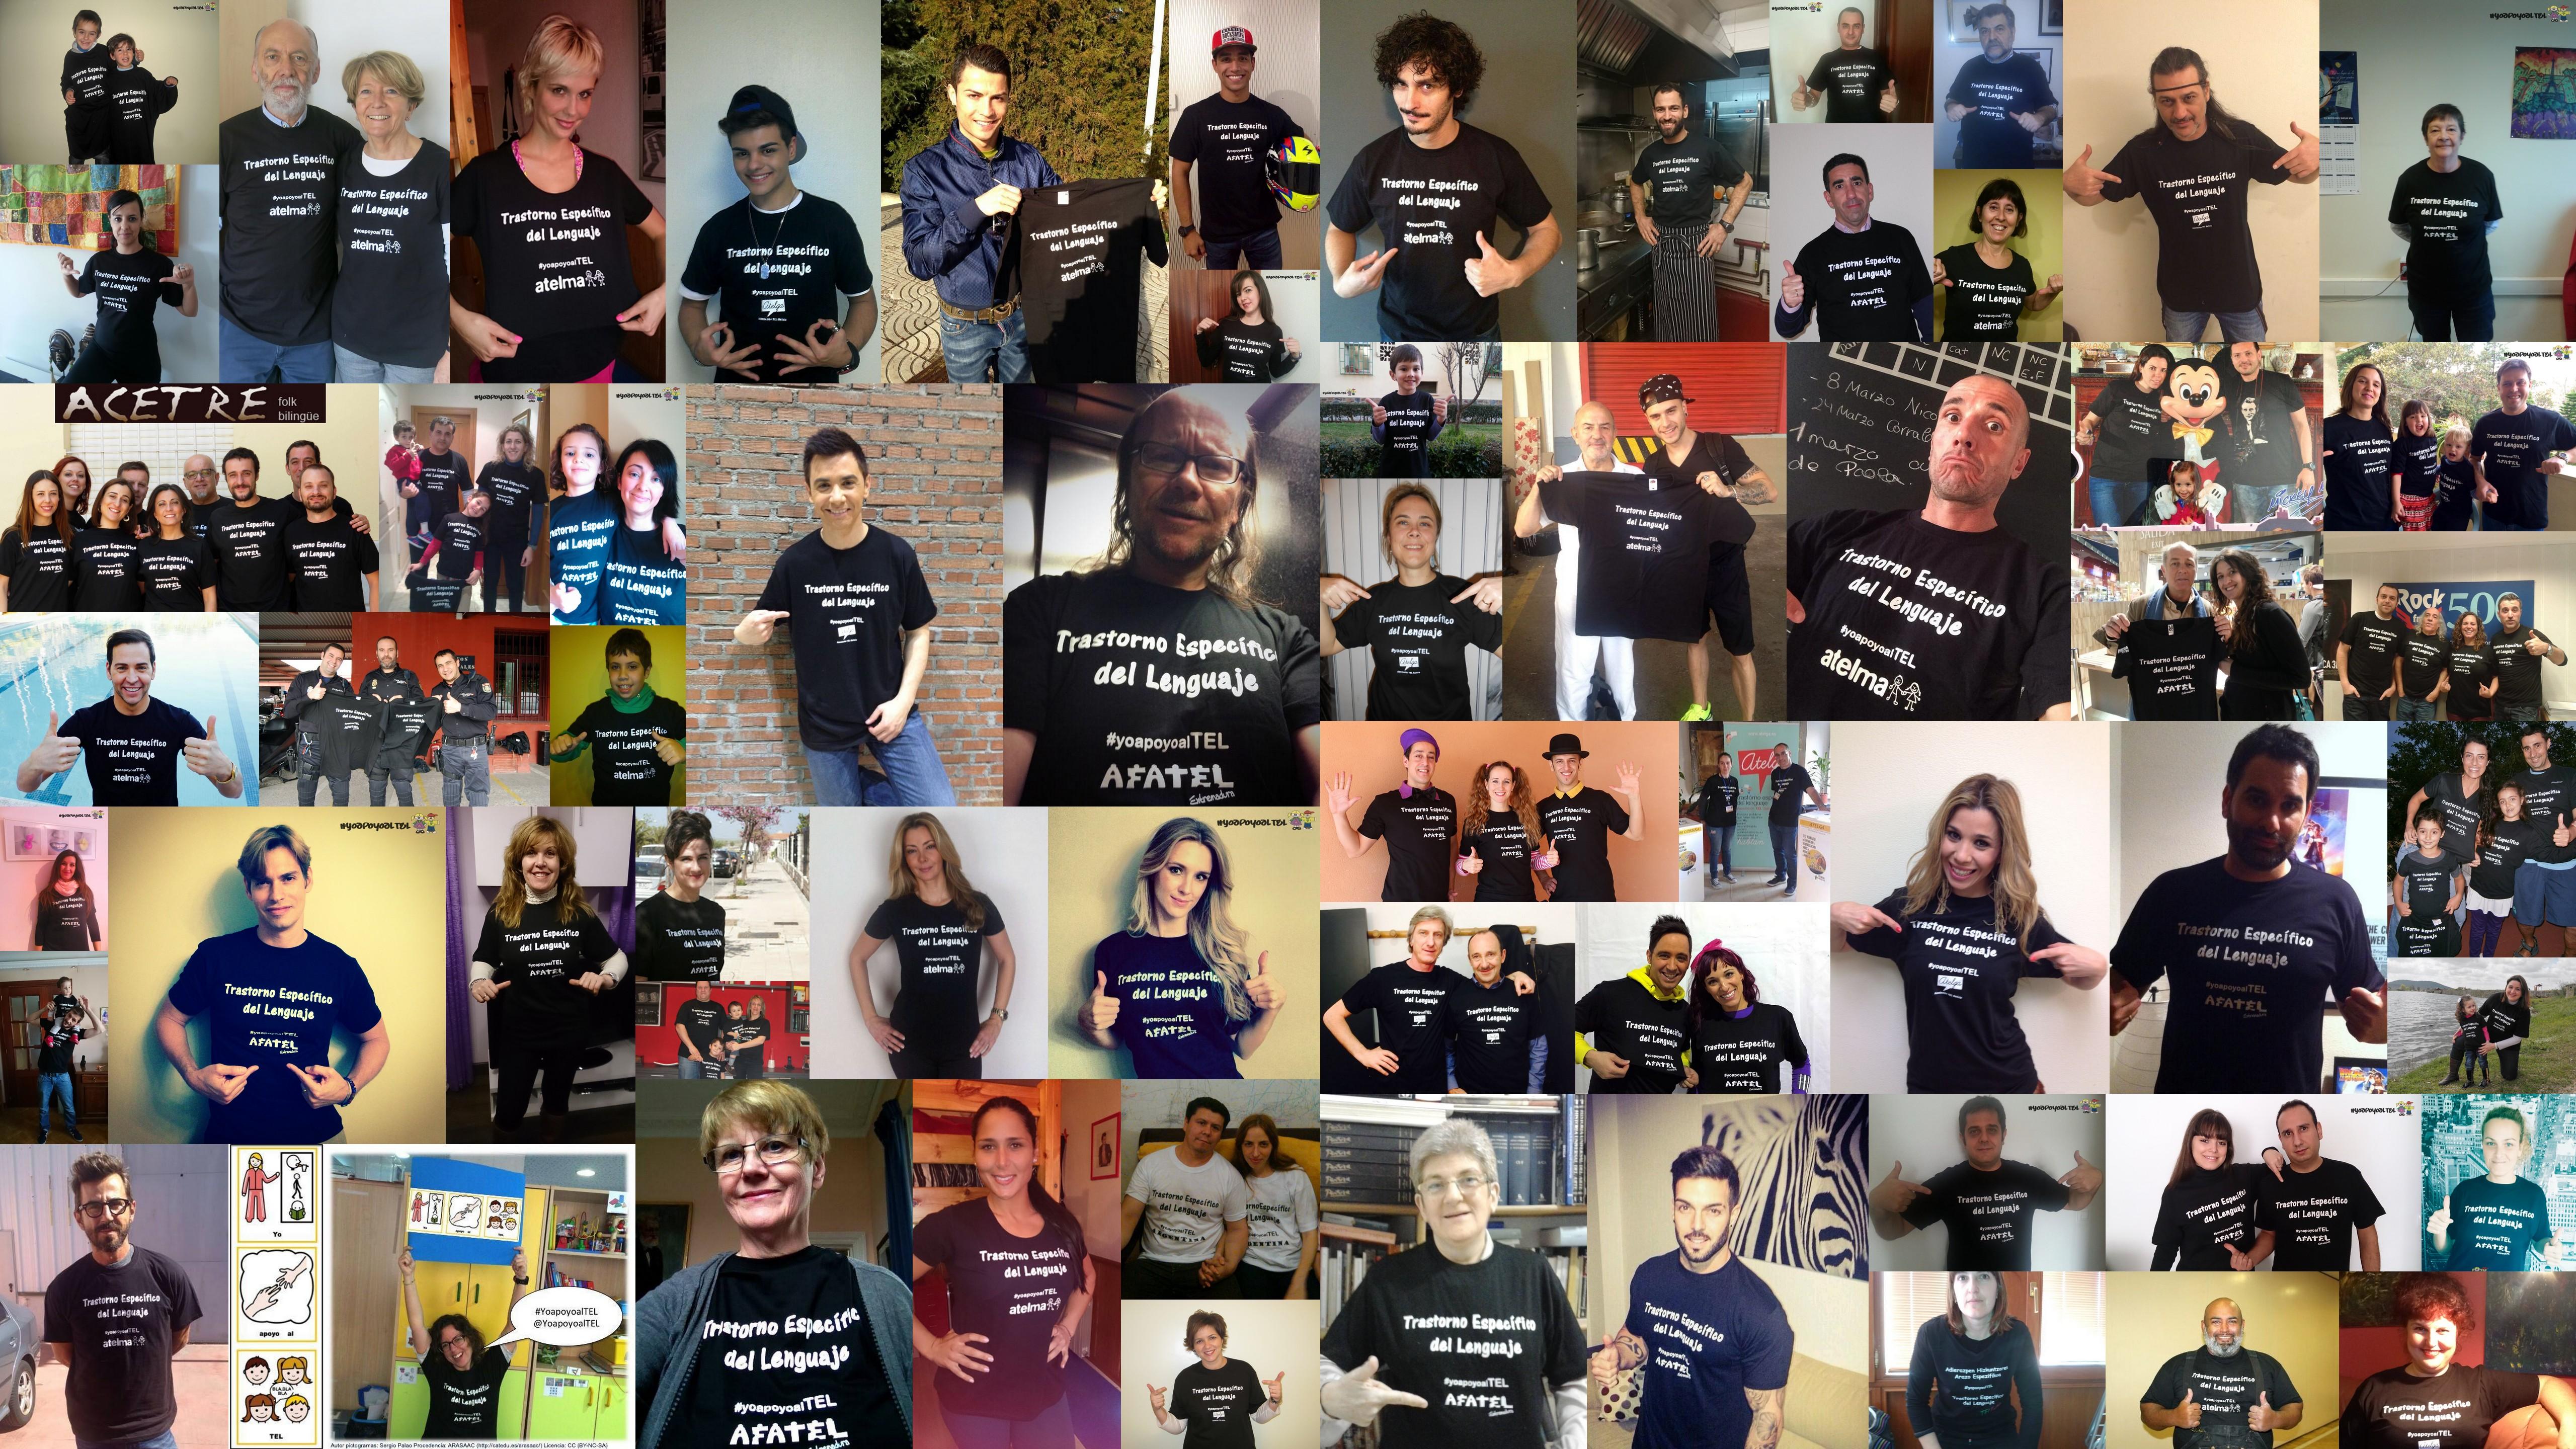 Collage de la iniciativa #YoApoyoalTEL @YoApoyoalTEL